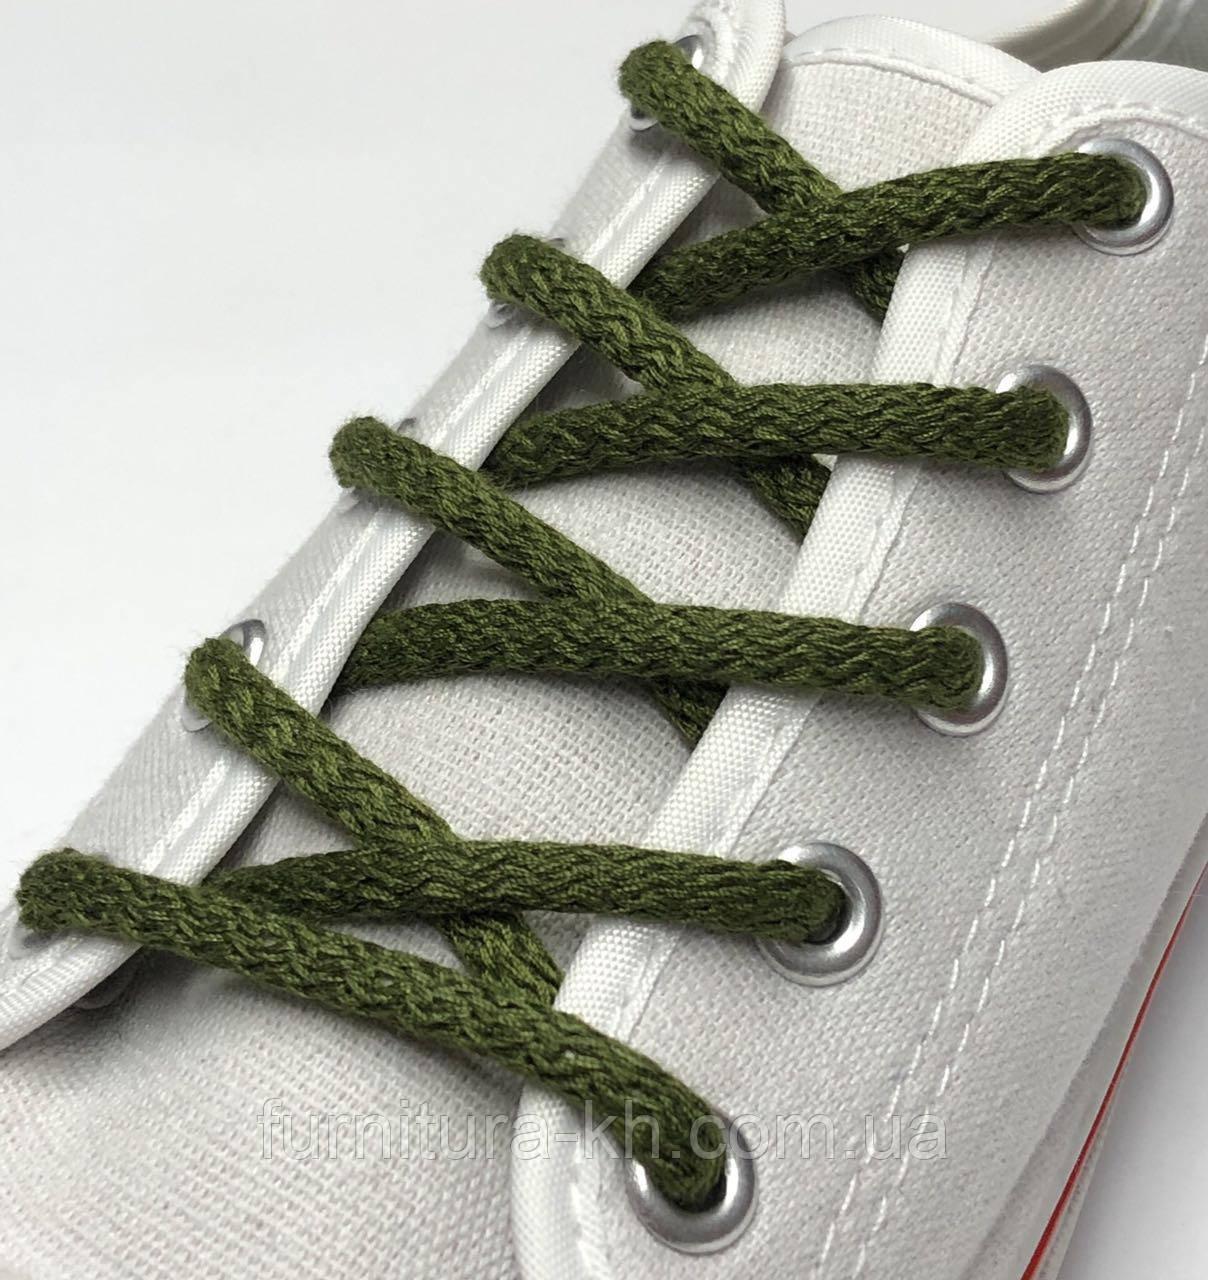 Шнурок Простой Круглый.Длинна 1,2 метр цвет Хаки (толщина 5 мм)